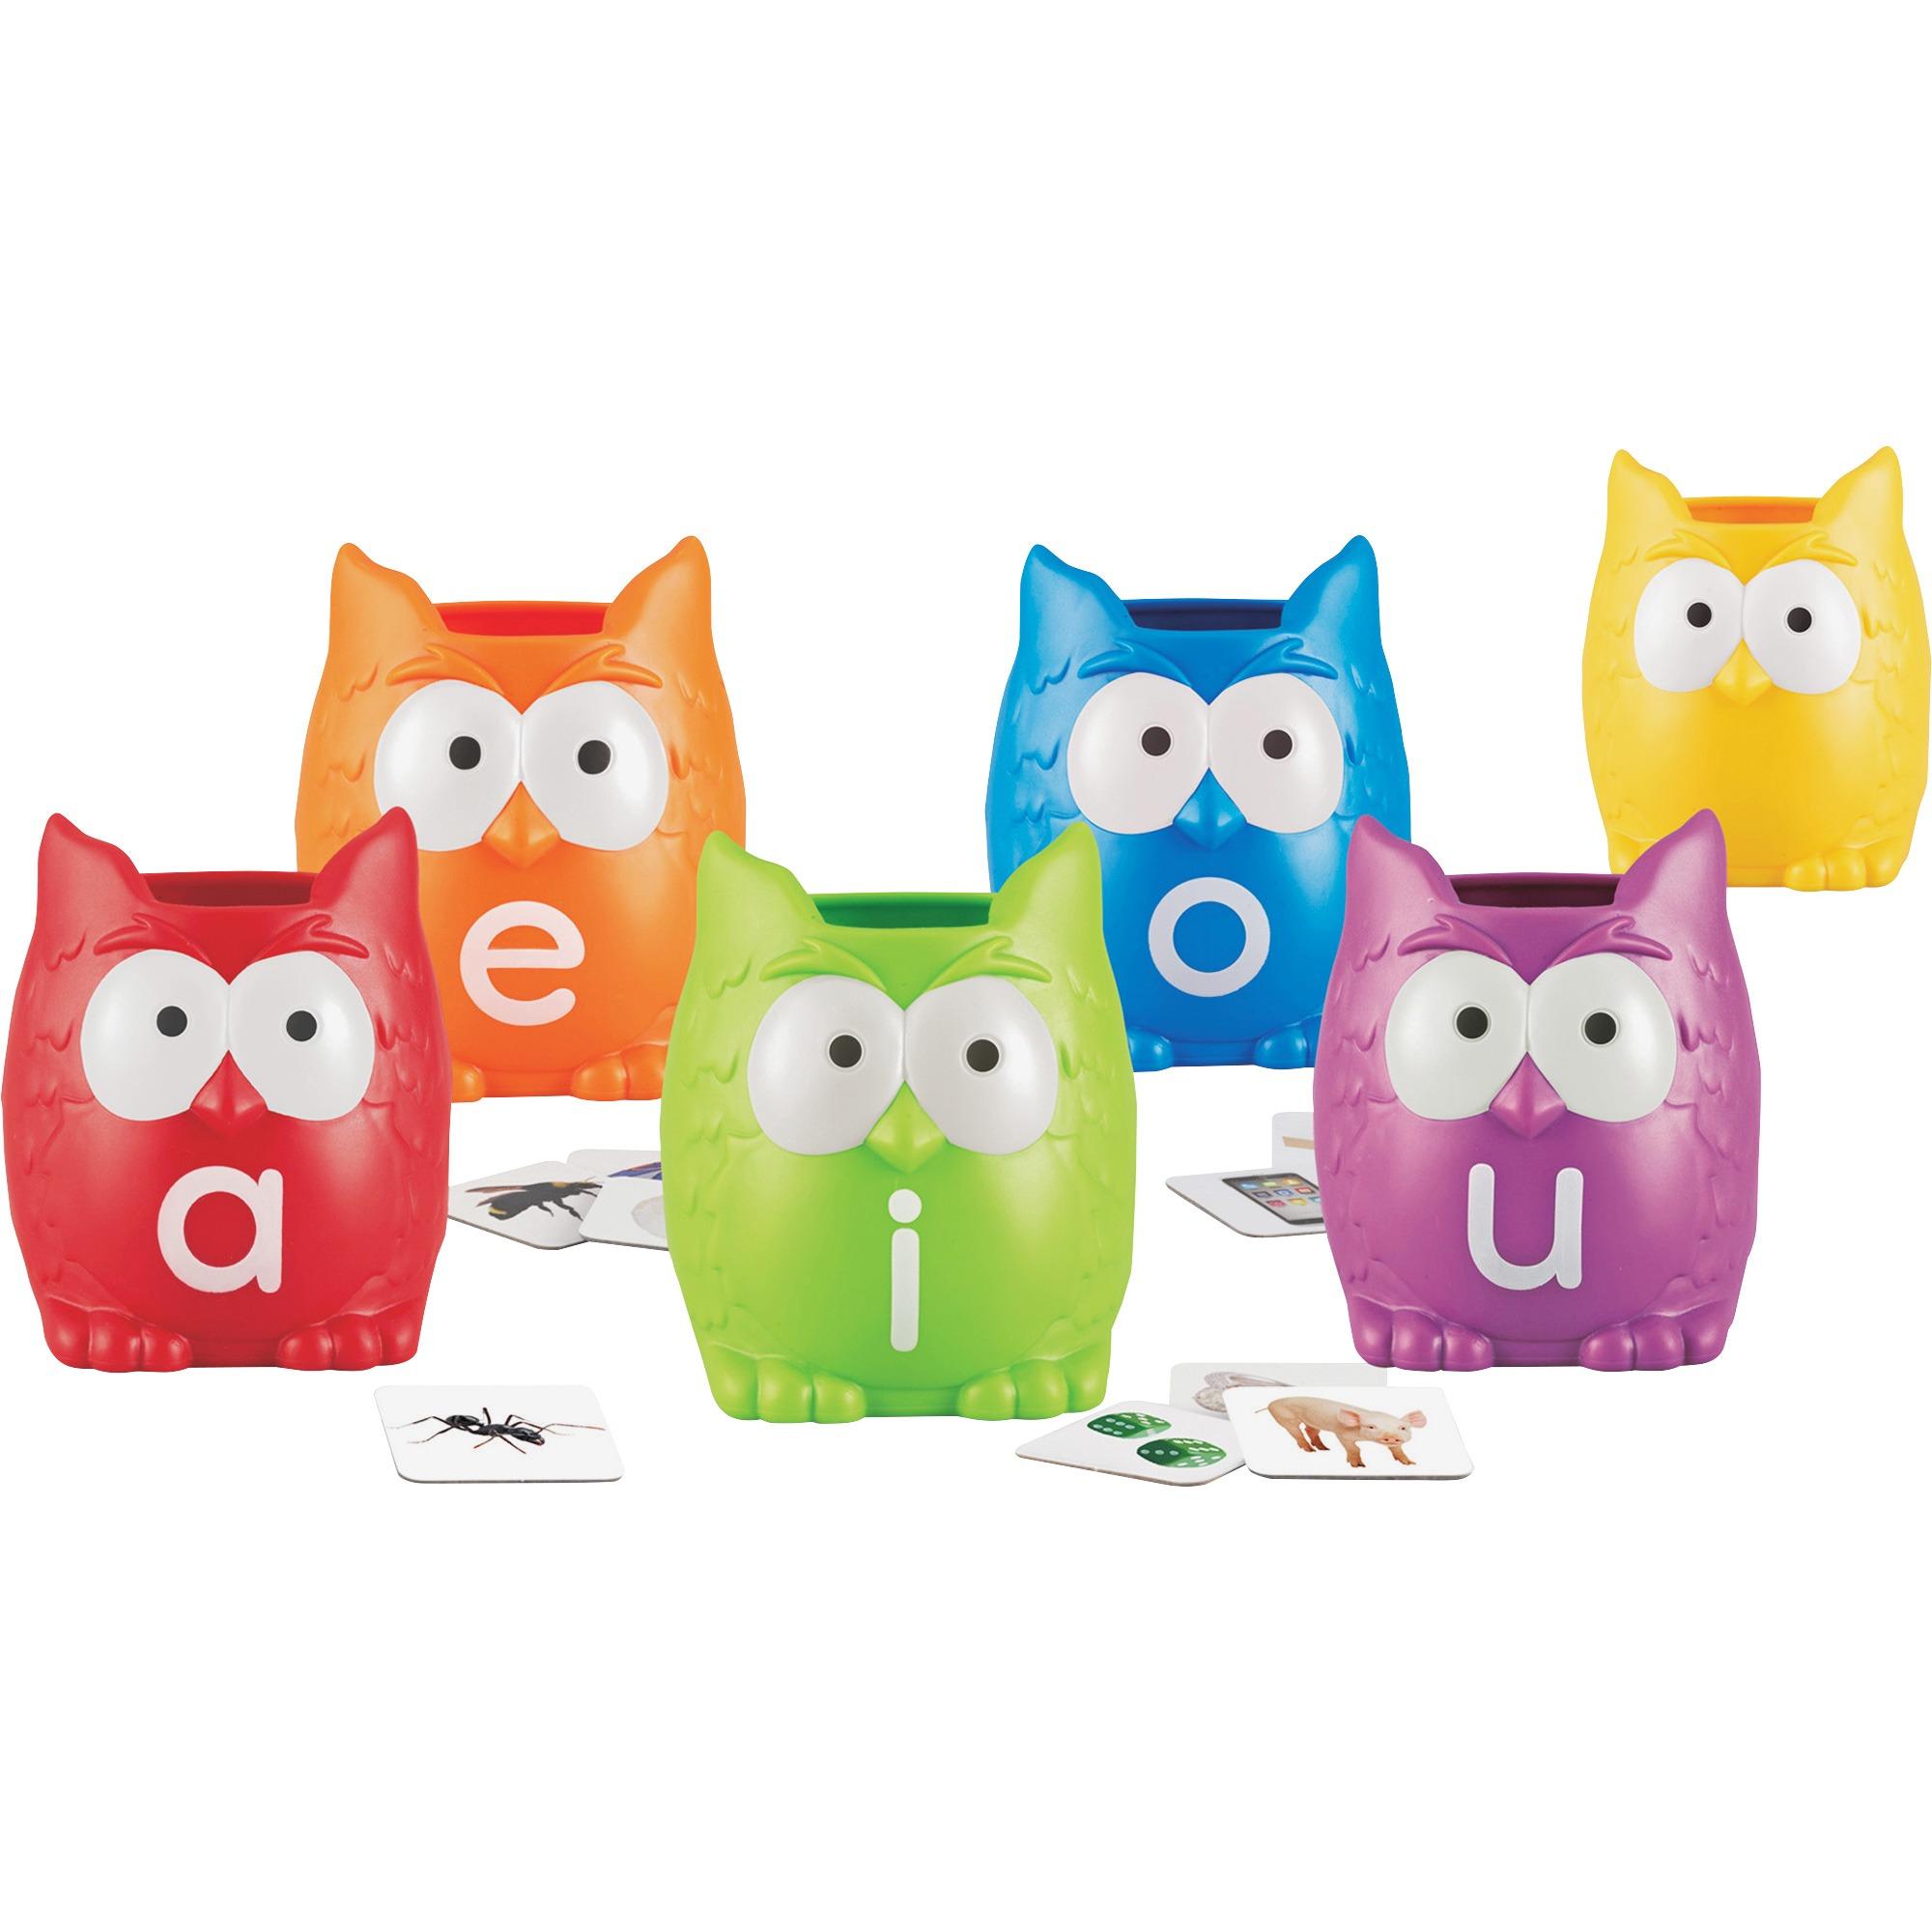 Learning Resources, LRN5460, Vowel Owls Sorting Set, 1 Set, Assorted